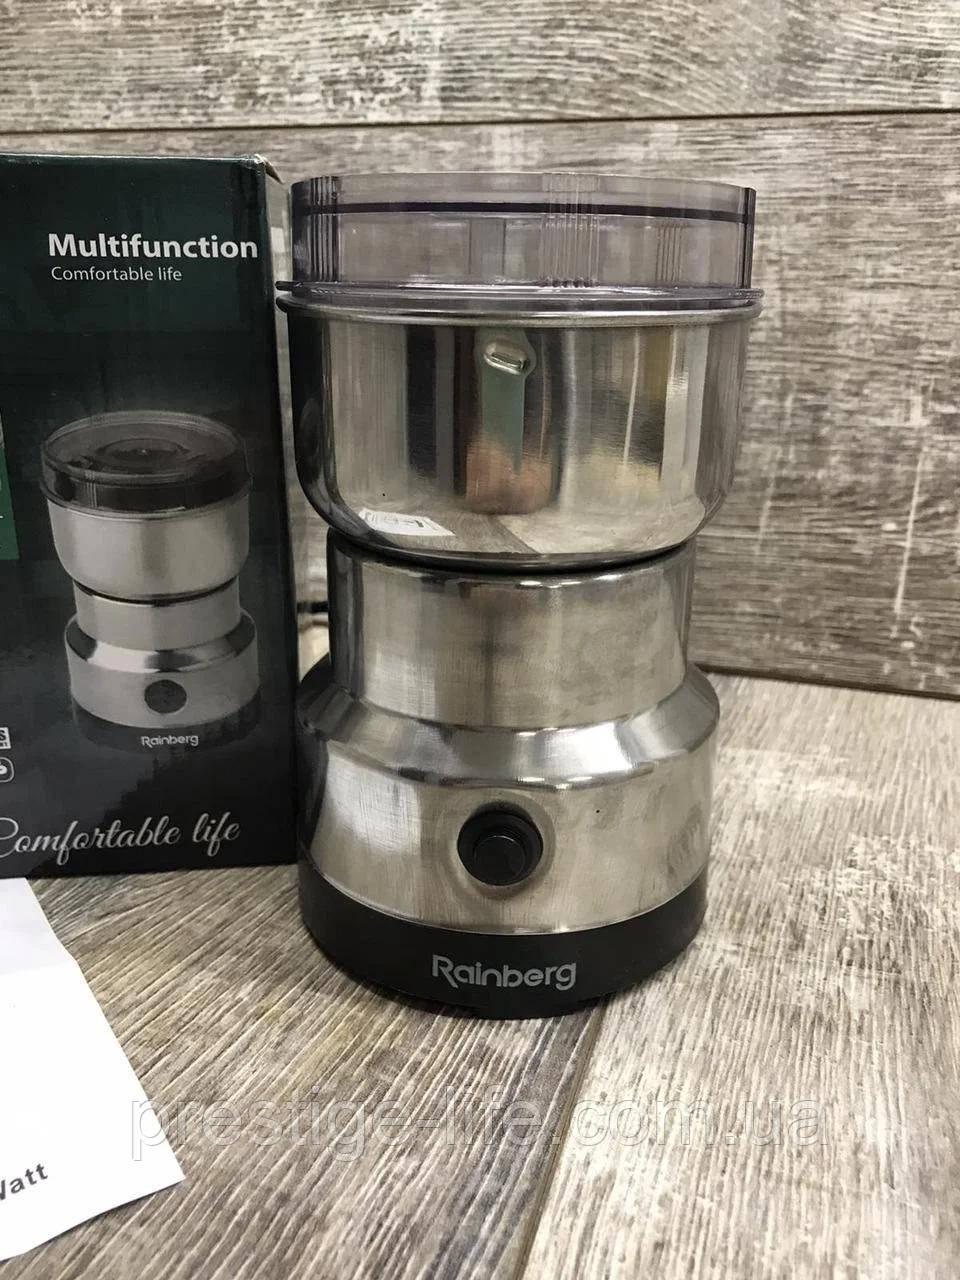 Электрическая кофемолка Rainberg RB-833 роторная из нержавеющей стали ( на 85 г ) 300 Вт